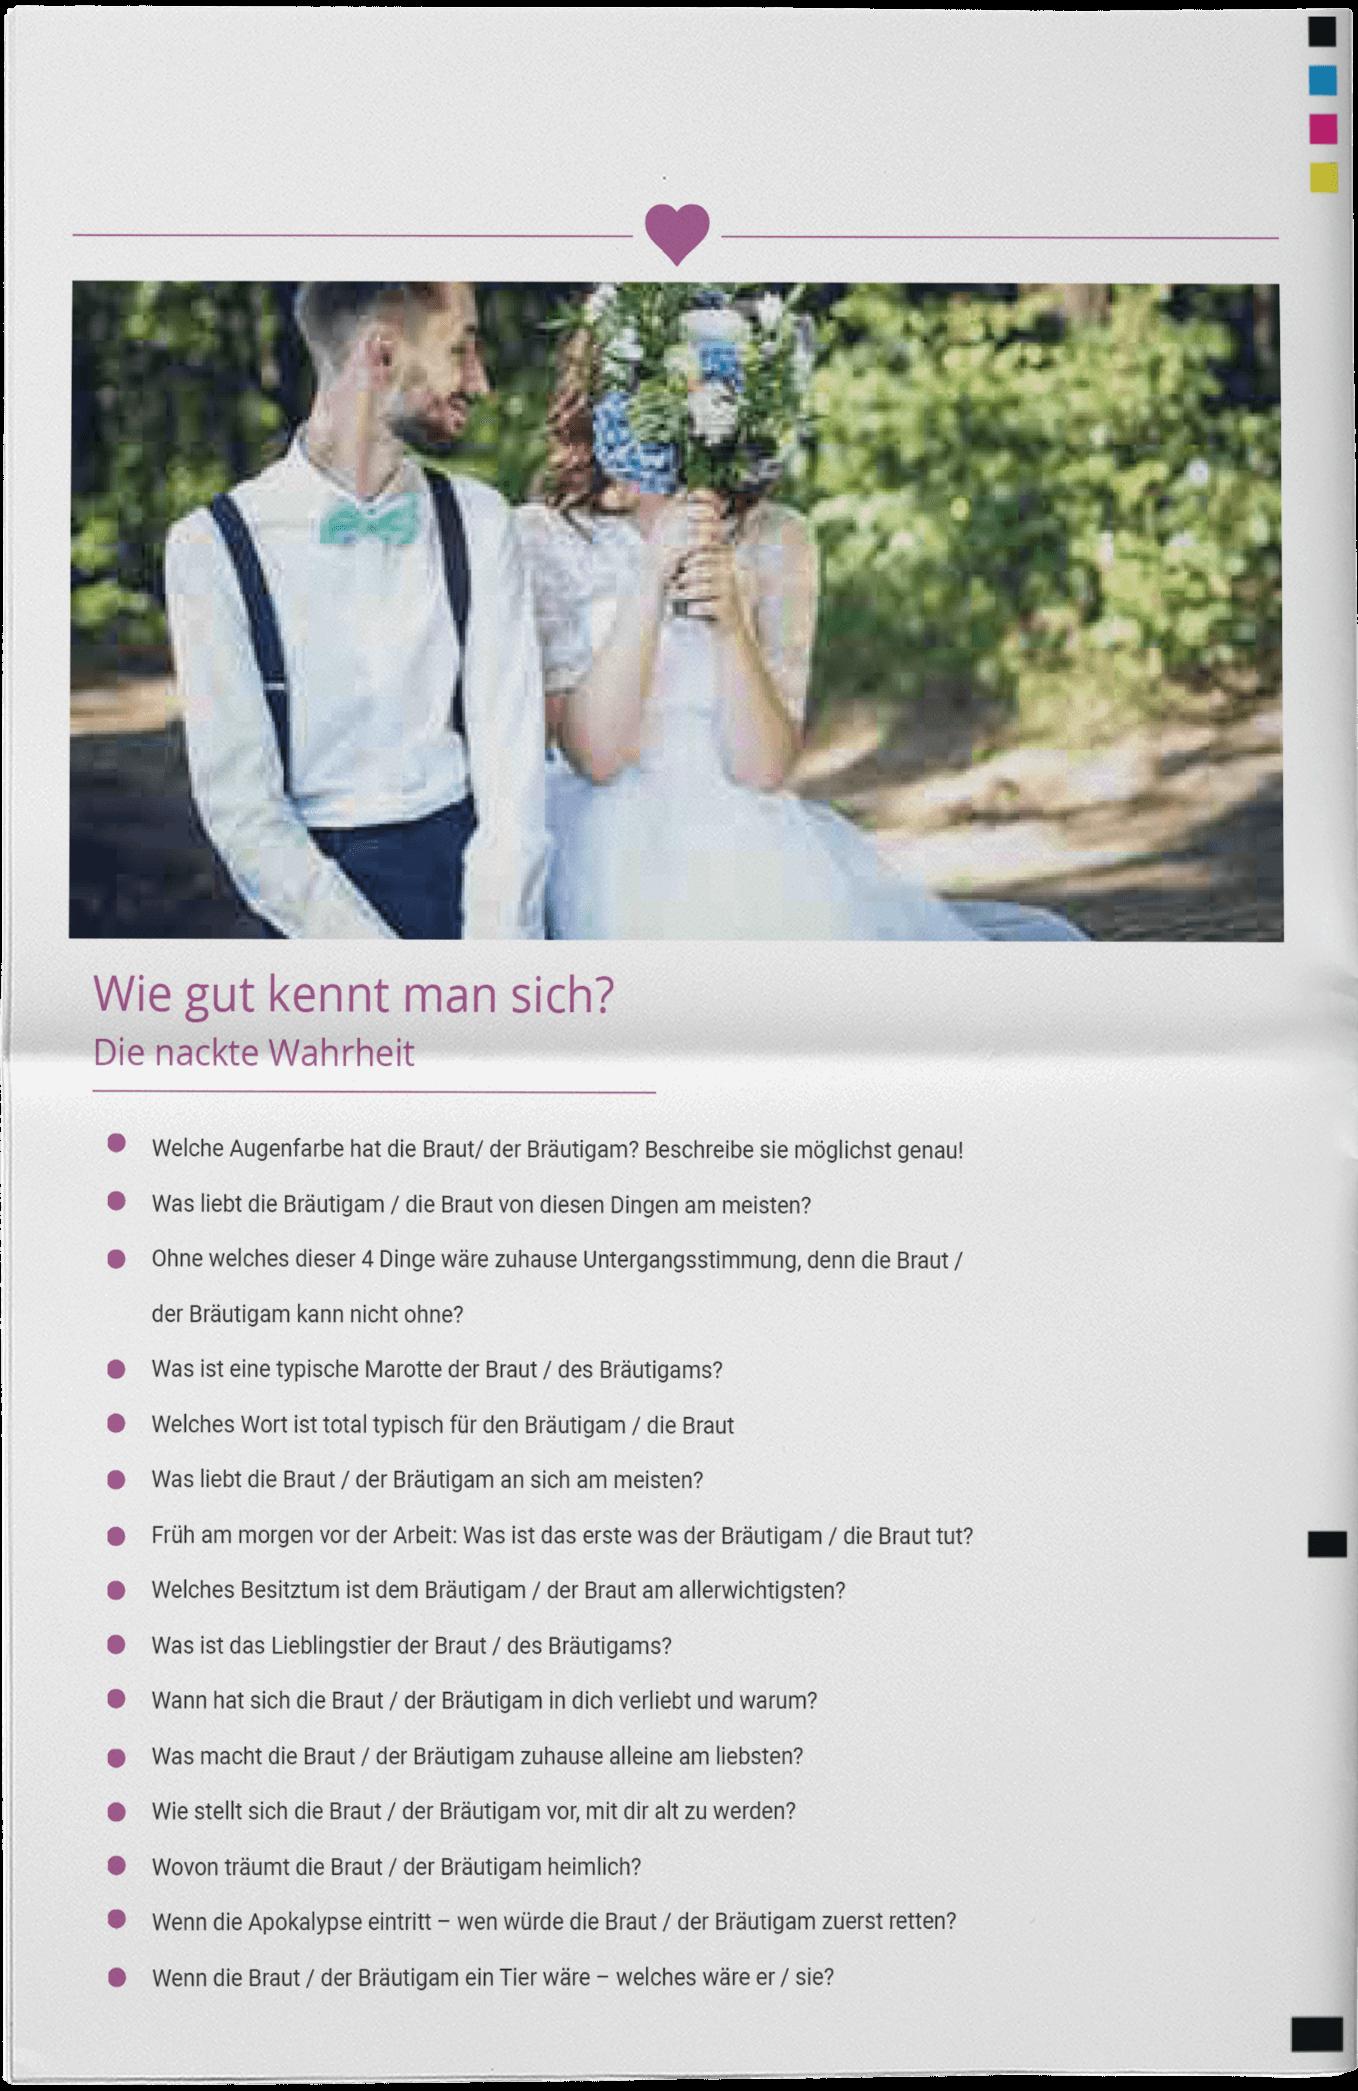 Beispiel für ein Hochzeitsquiz in einer modernen Hochzeitszeitung